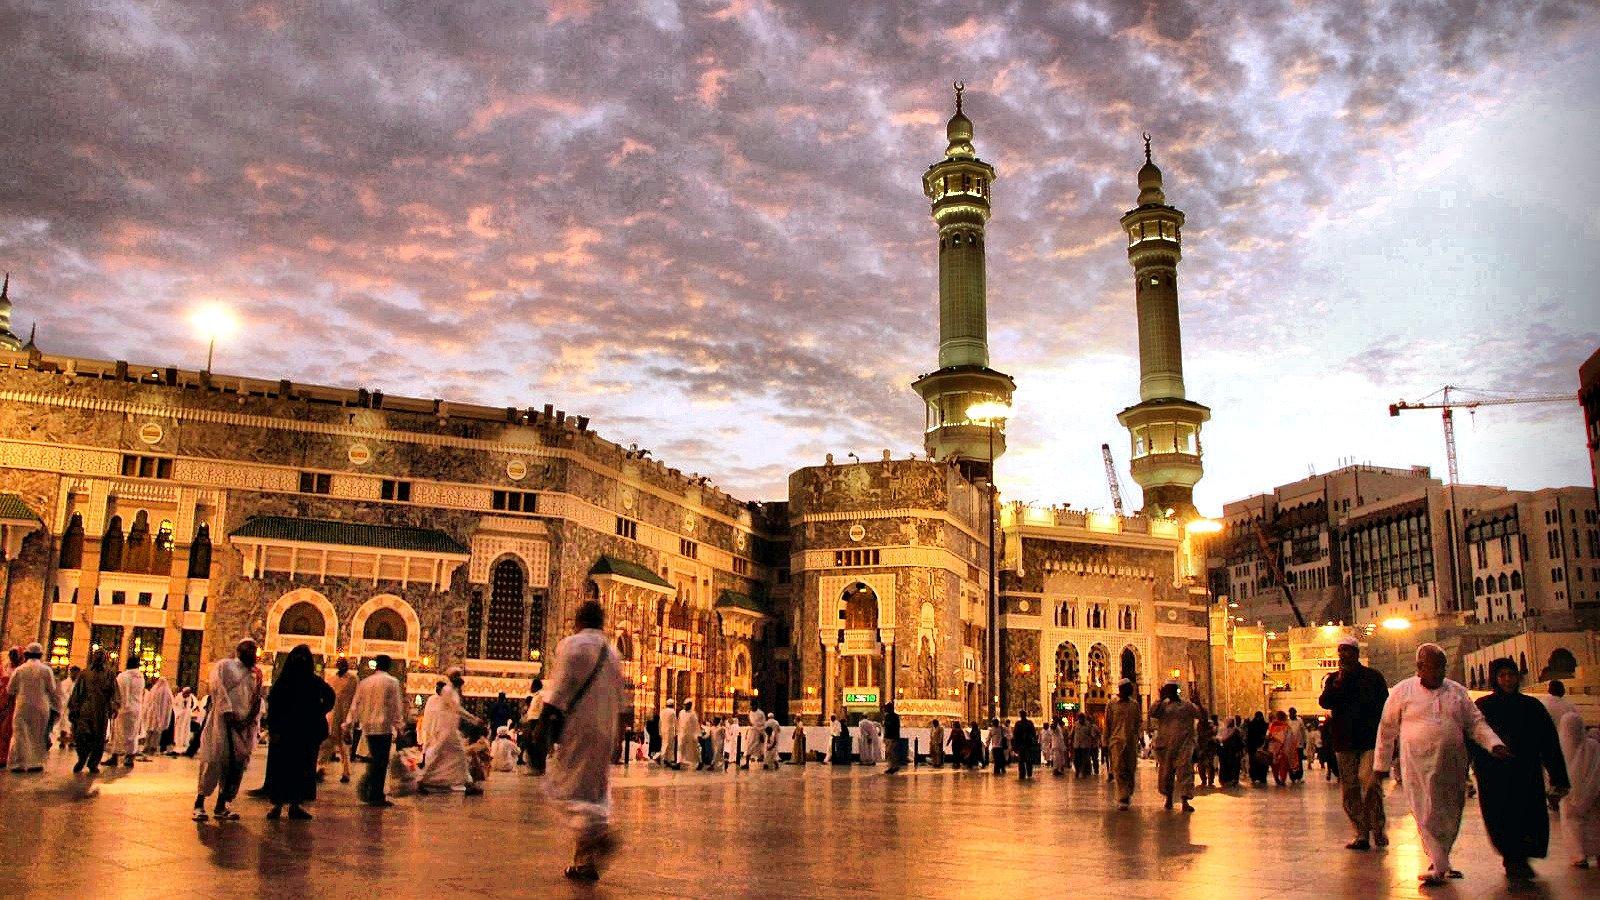 49+] Makkah Wallpaper High Resolution ...